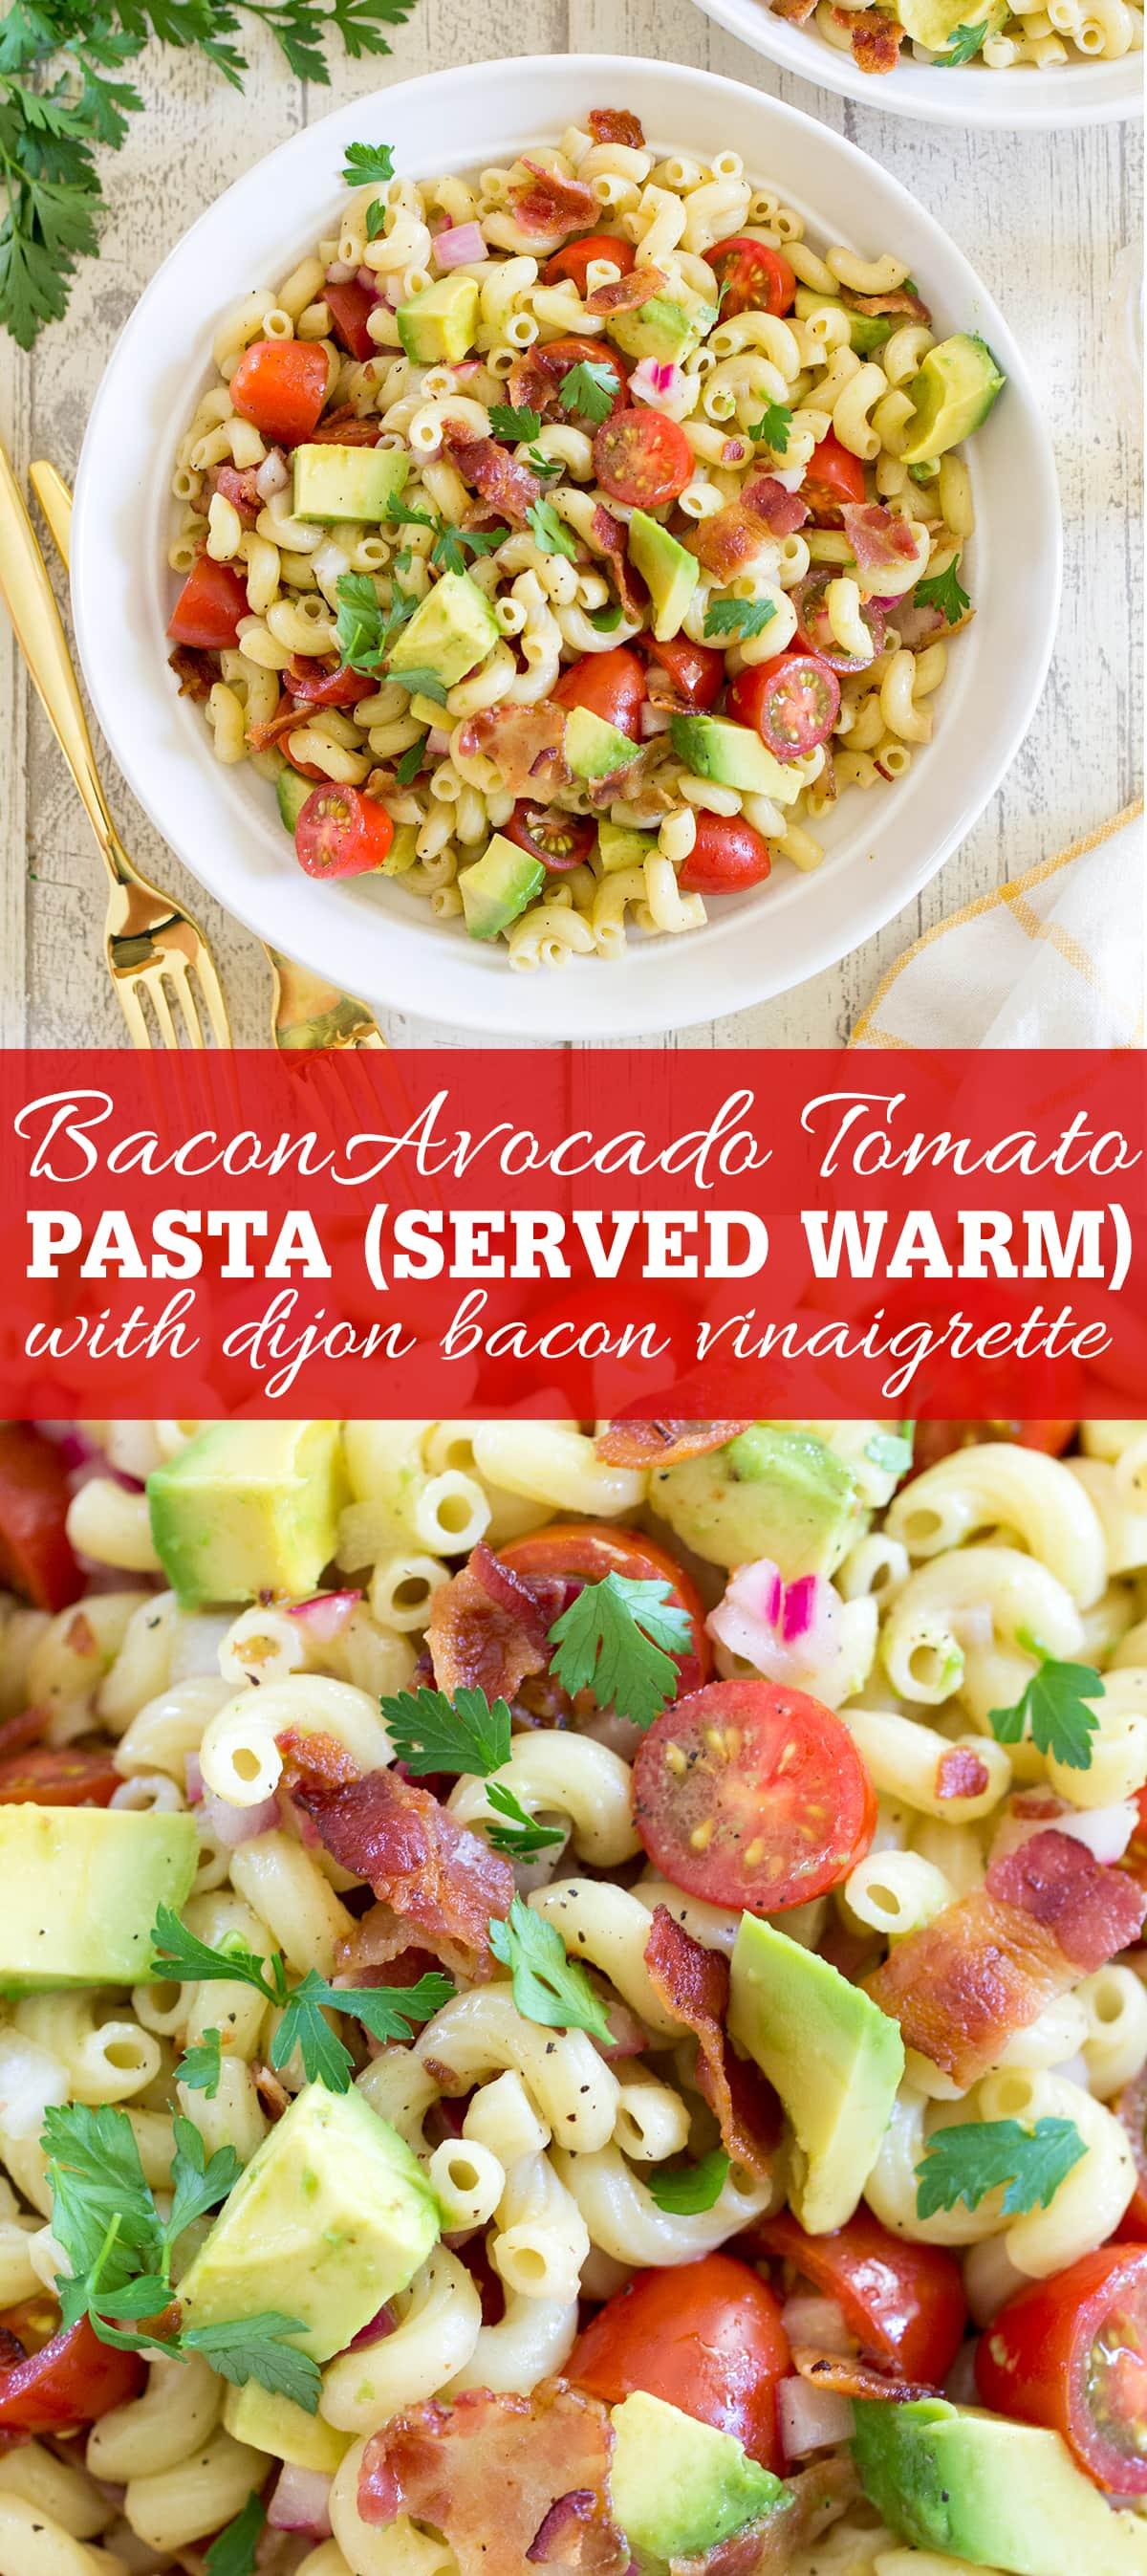 Bacon Avocado Tomato Pasta